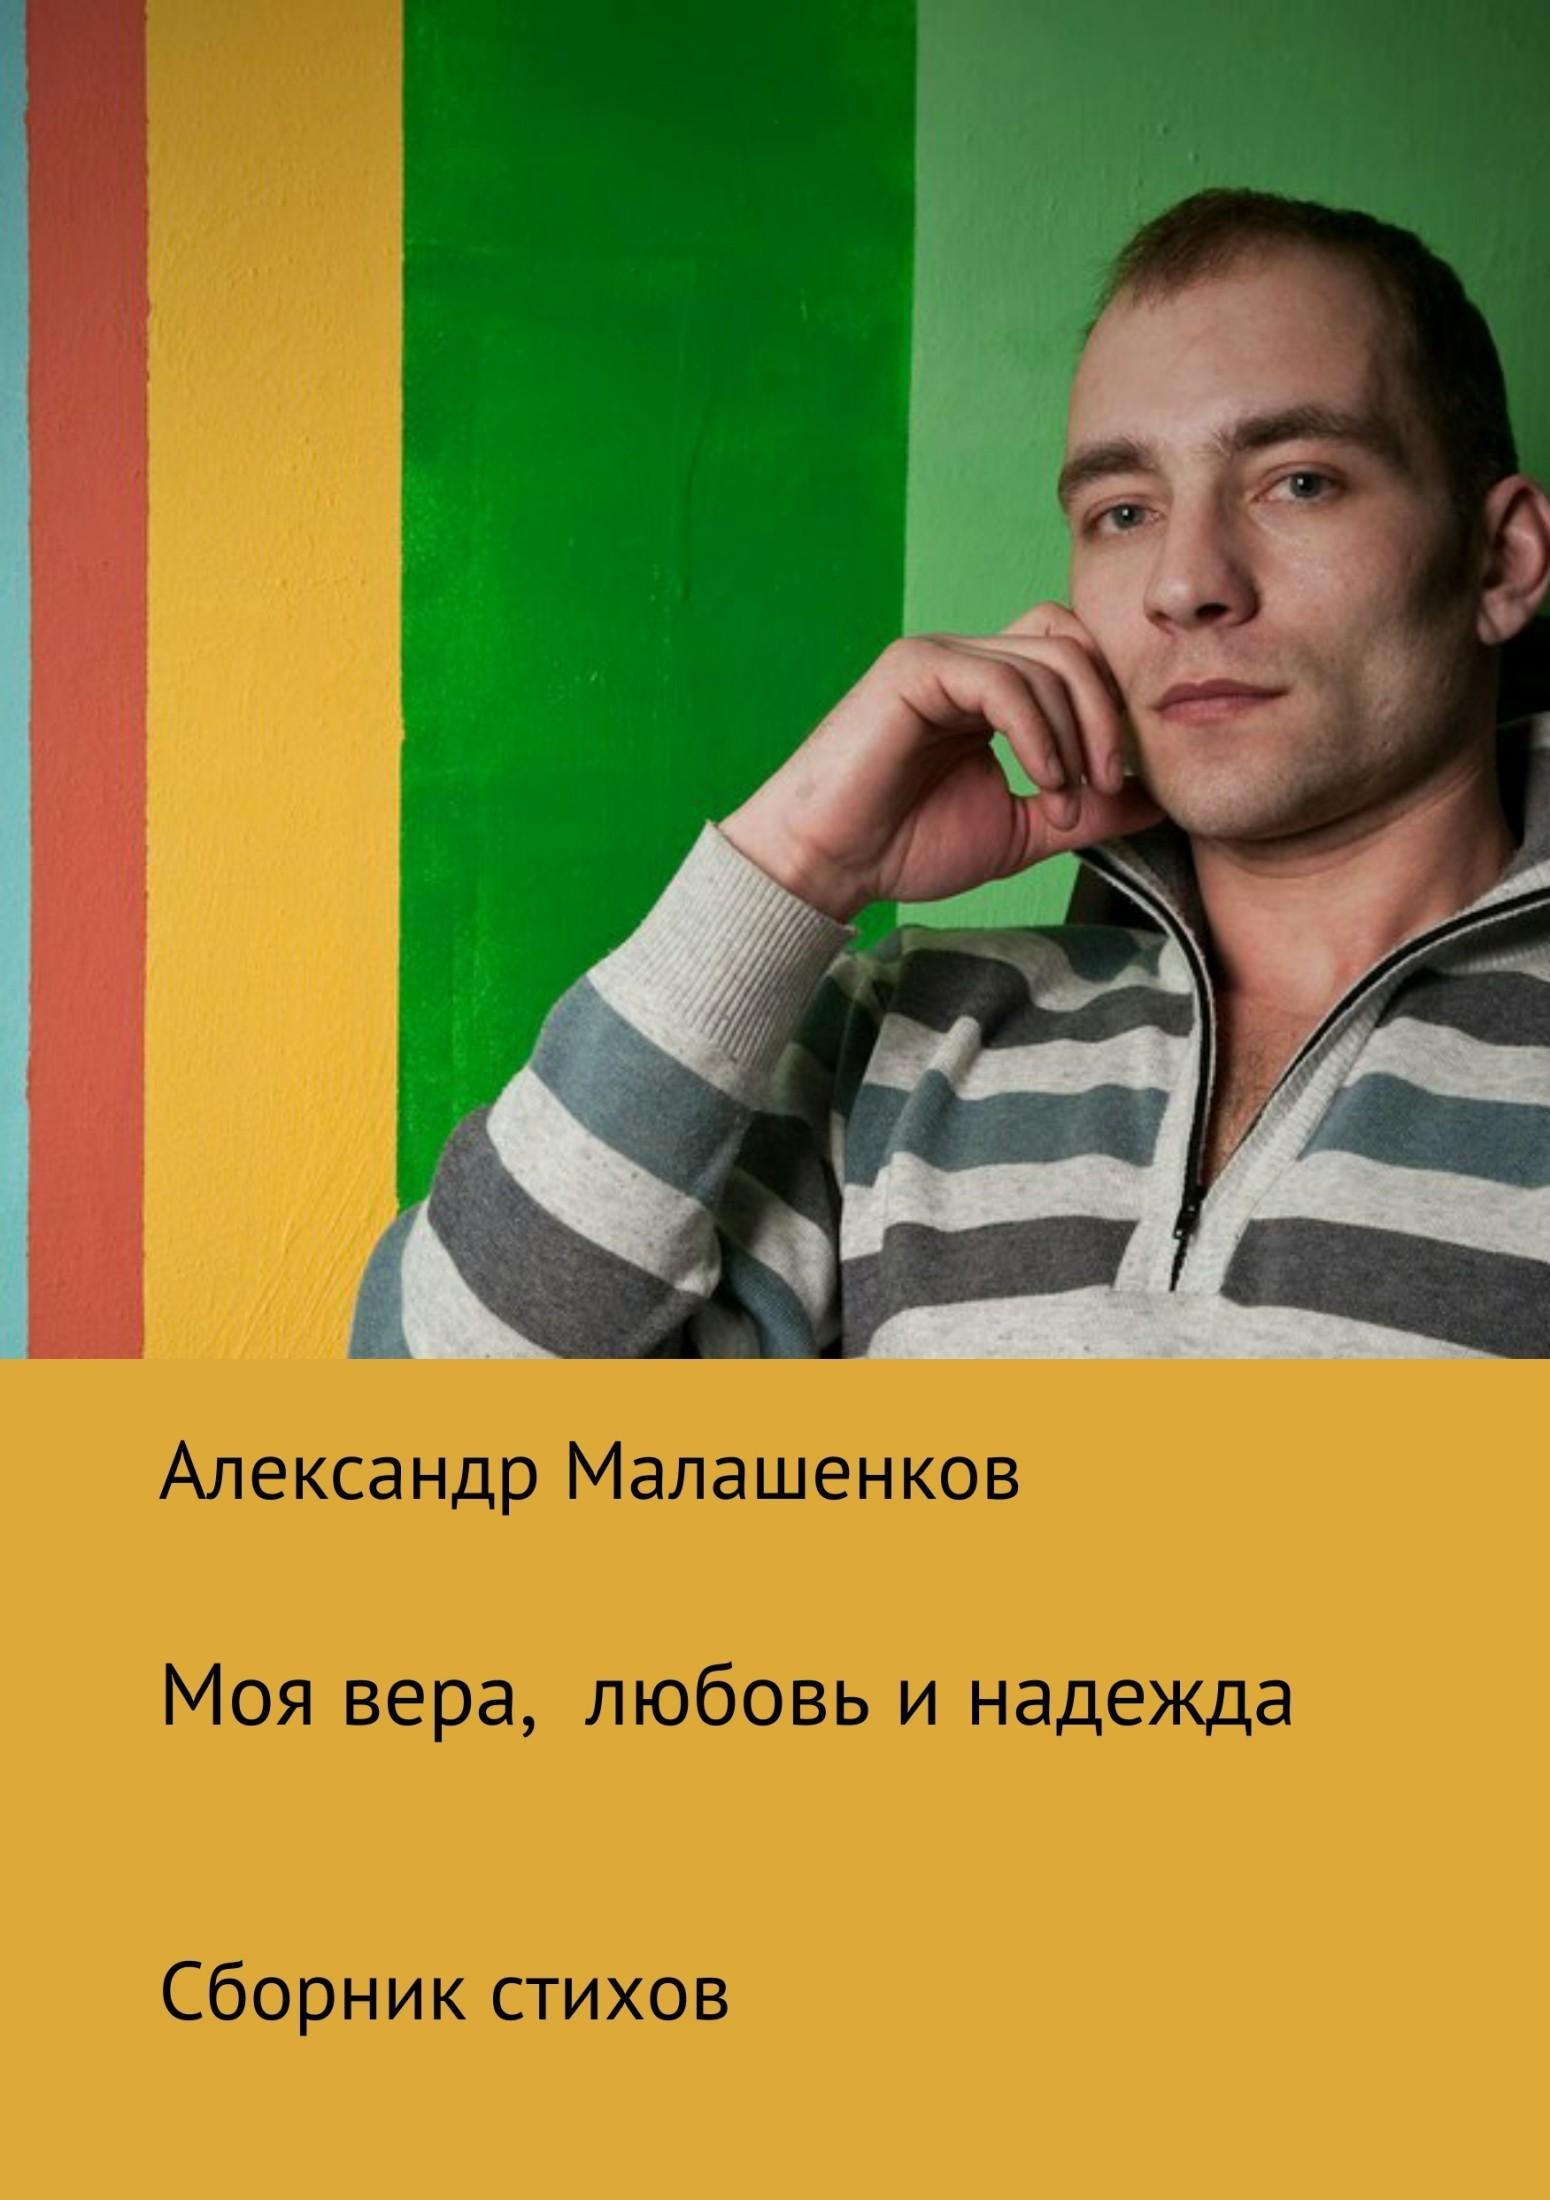 Александр Олегович Малашенков Моя вера, любовь и надежда. Сборник стихов